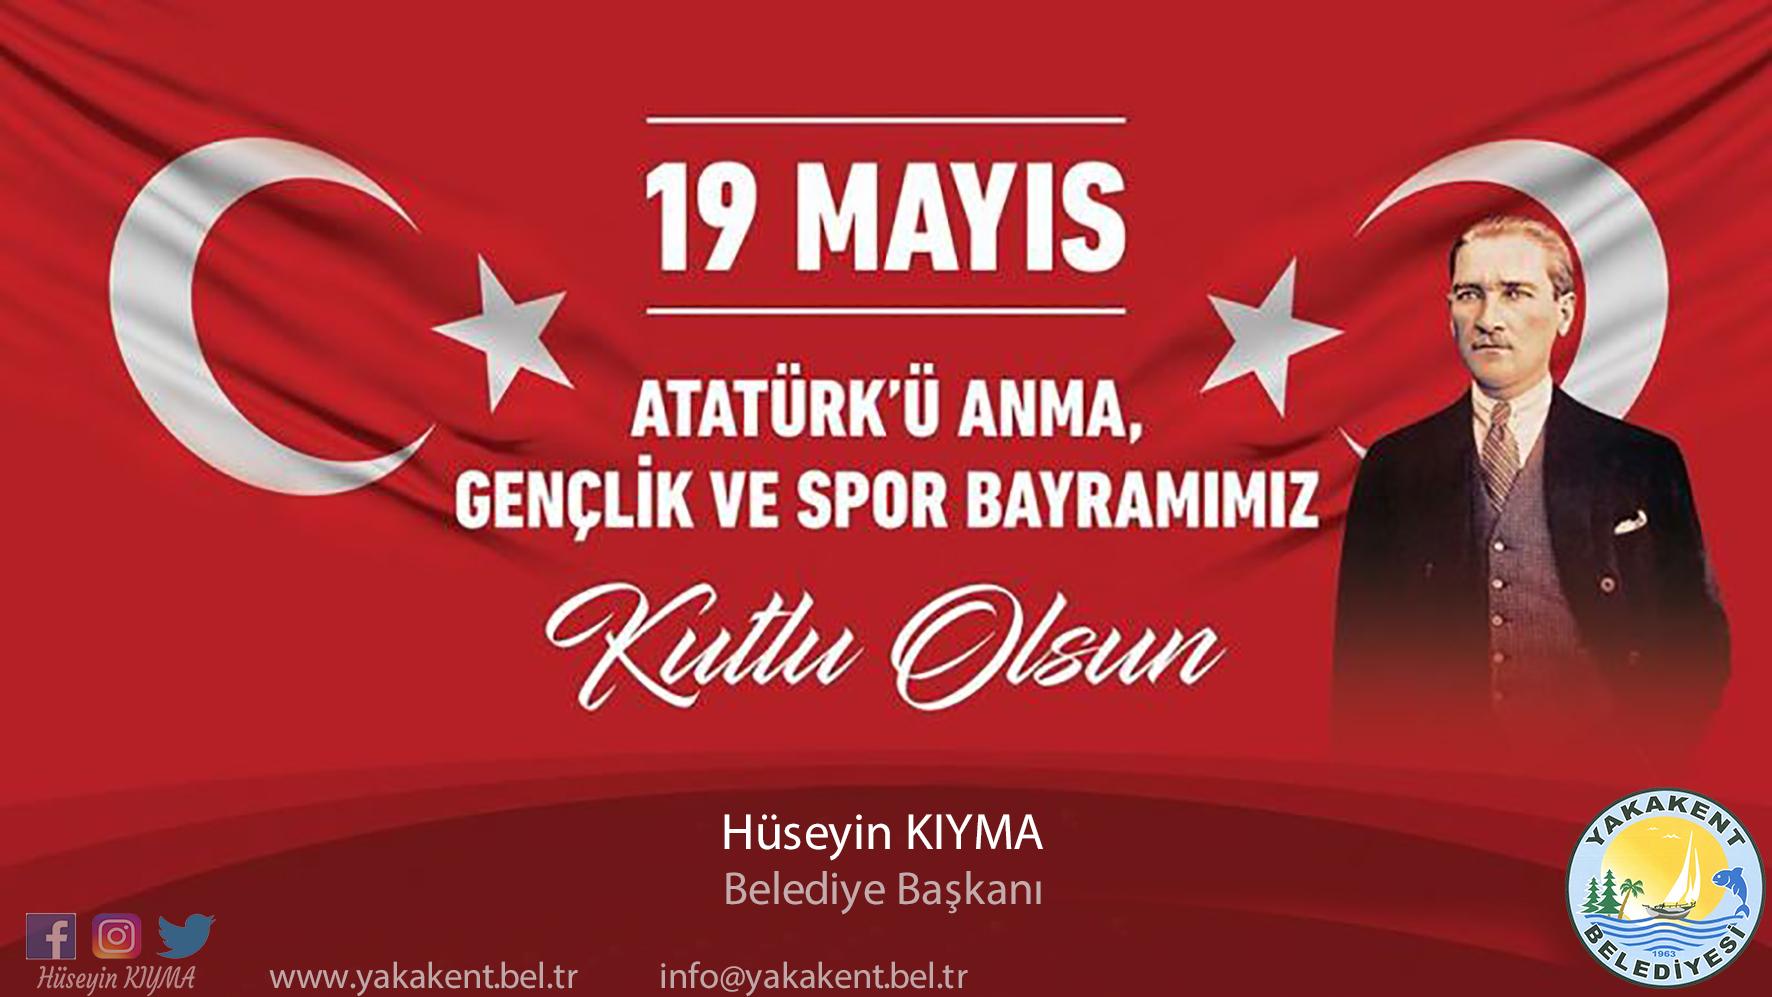 Belediye Başkanımız Hüseyin KIYMA'dan 19 Mayıs Mesajı